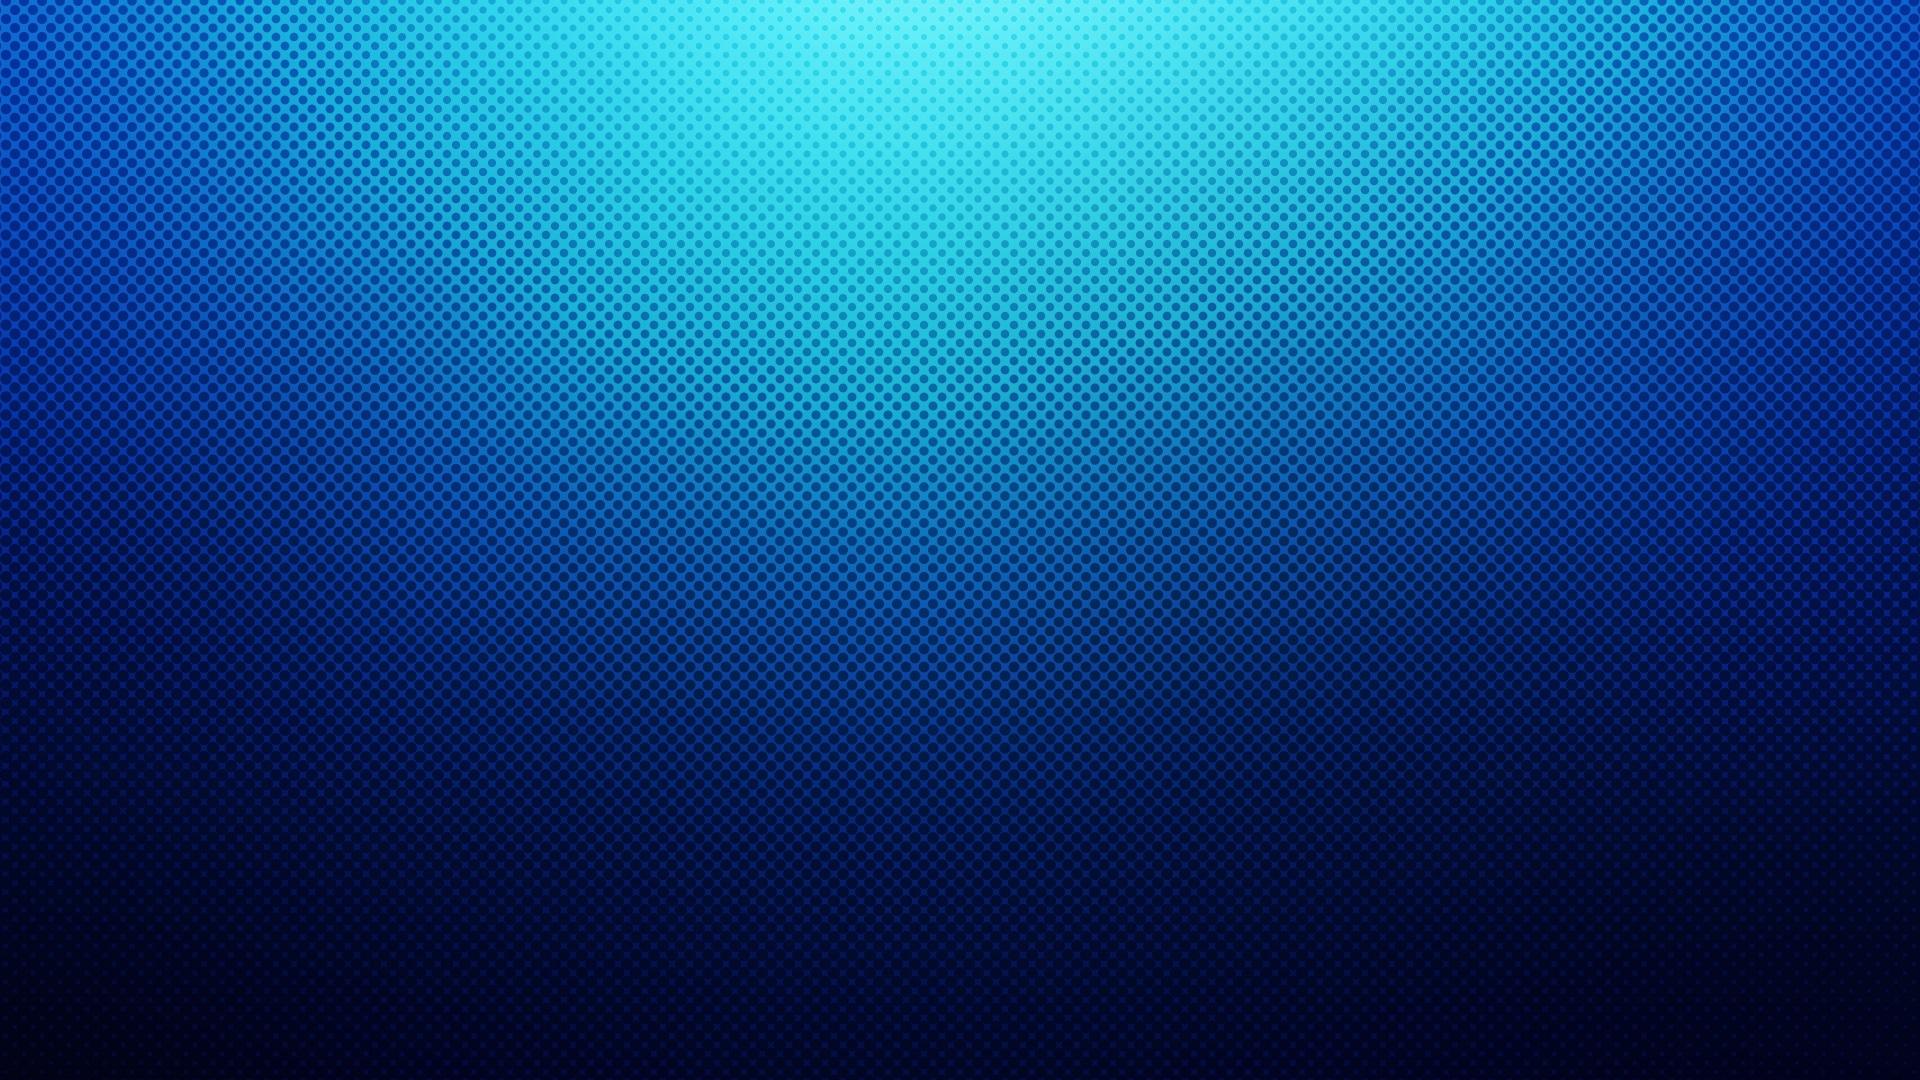 wallpaper 1920x1080 texture blue